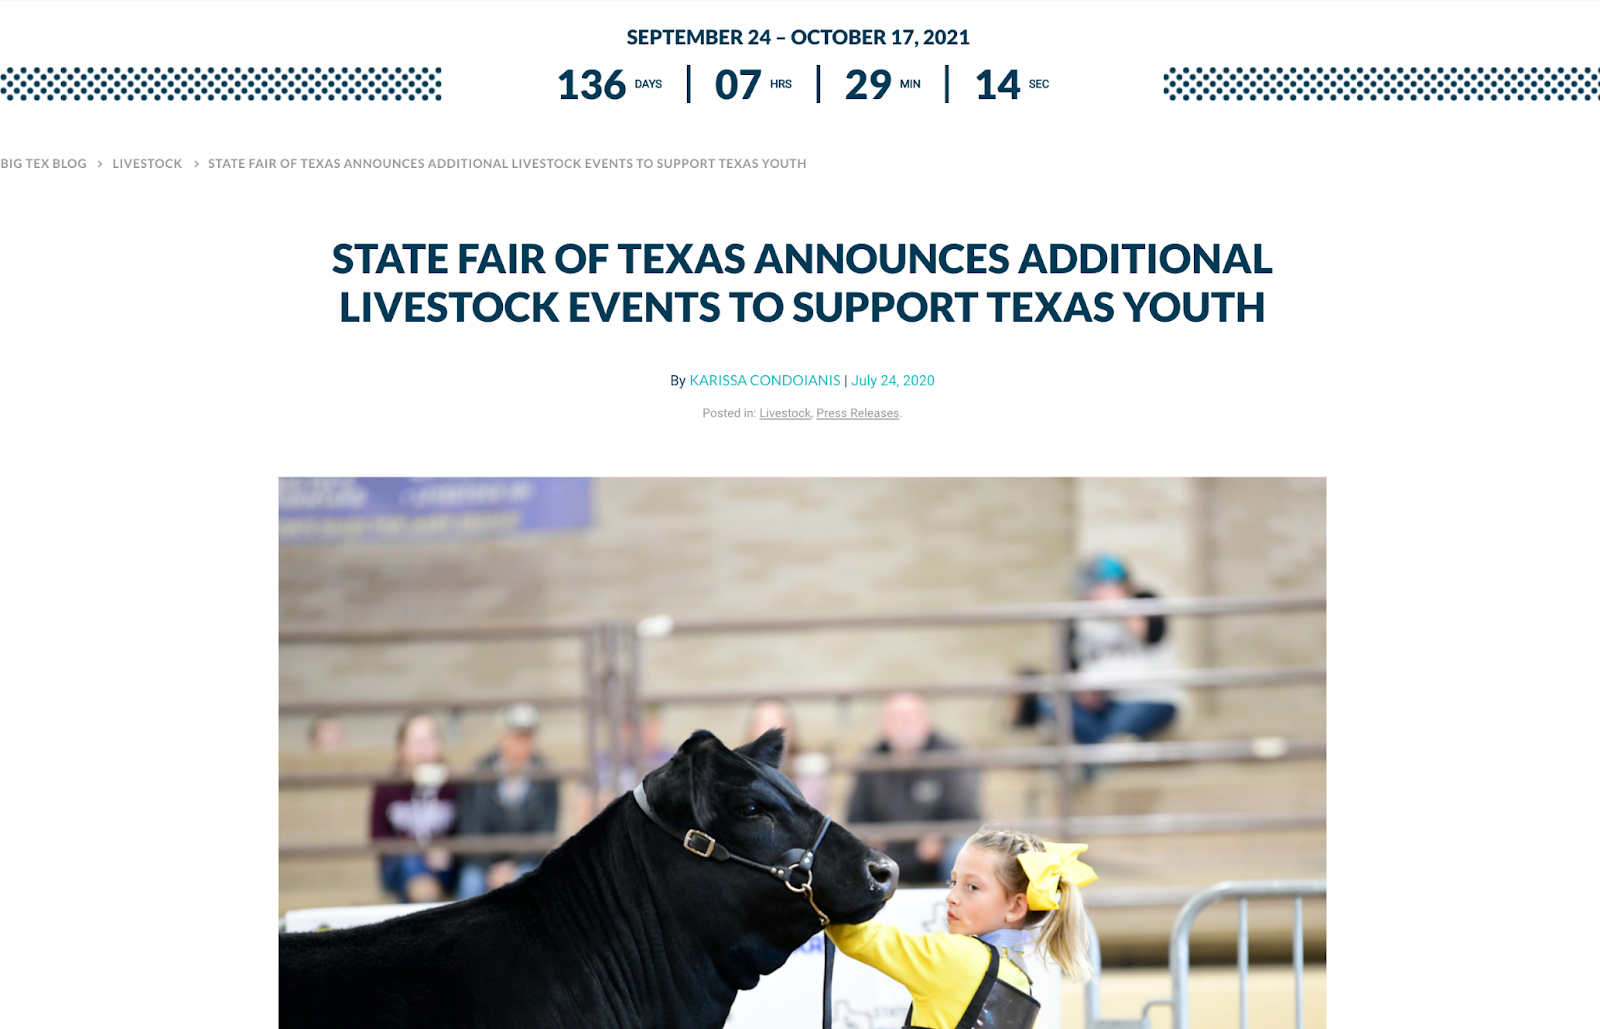 Texas state fair press release